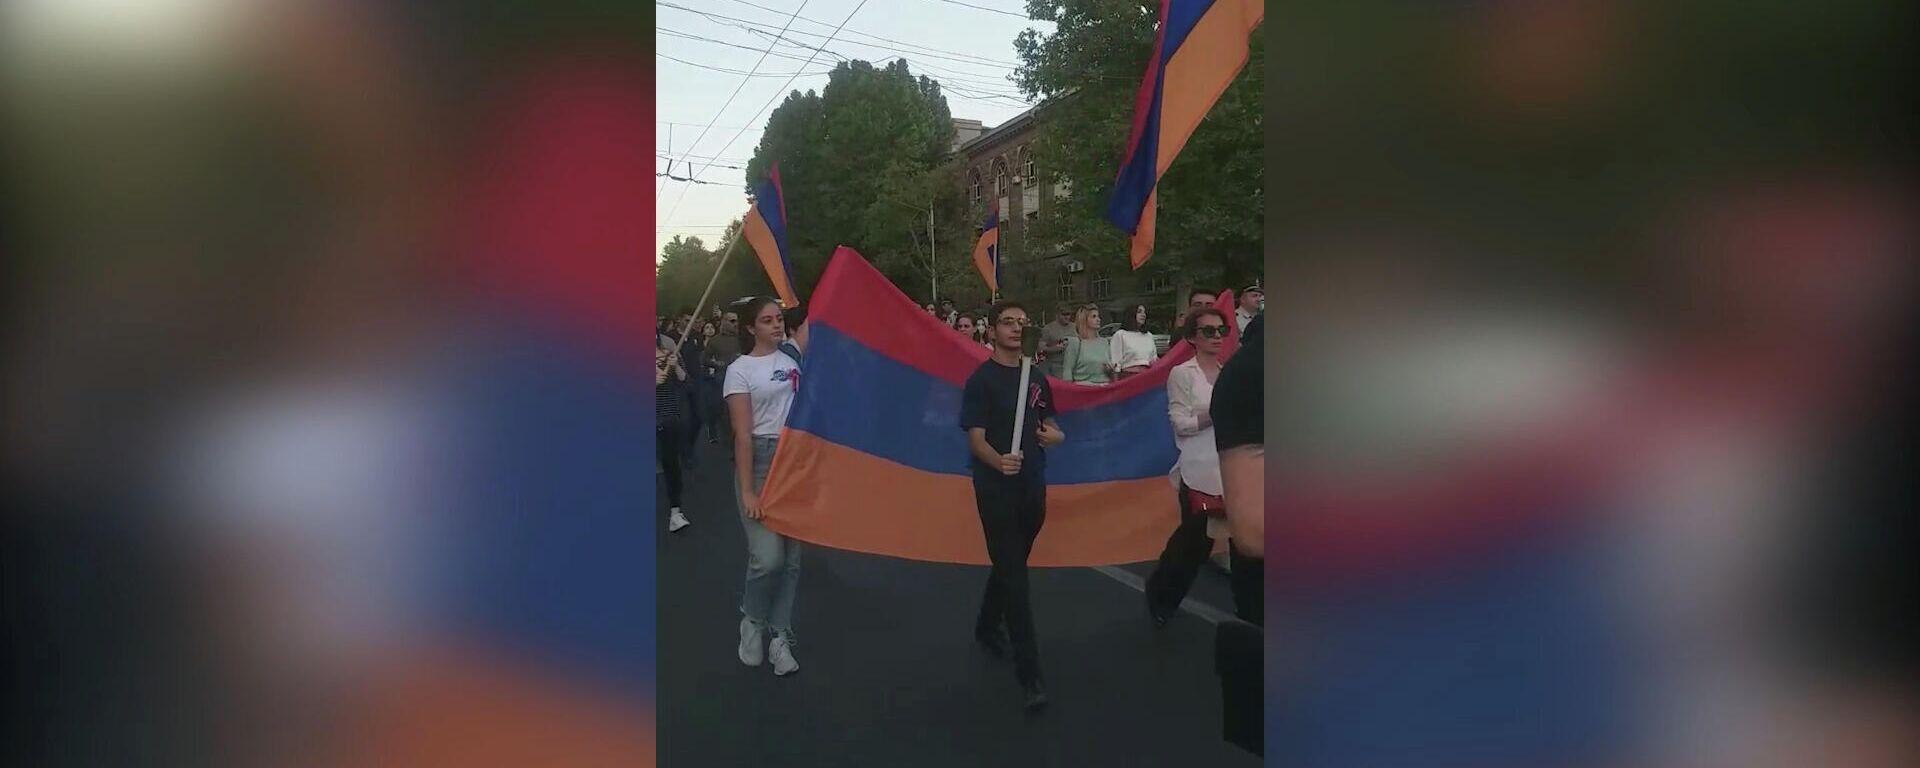 Երթ դեպի Եռաբլուր - Sputnik Армения, 1920, 21.09.2021